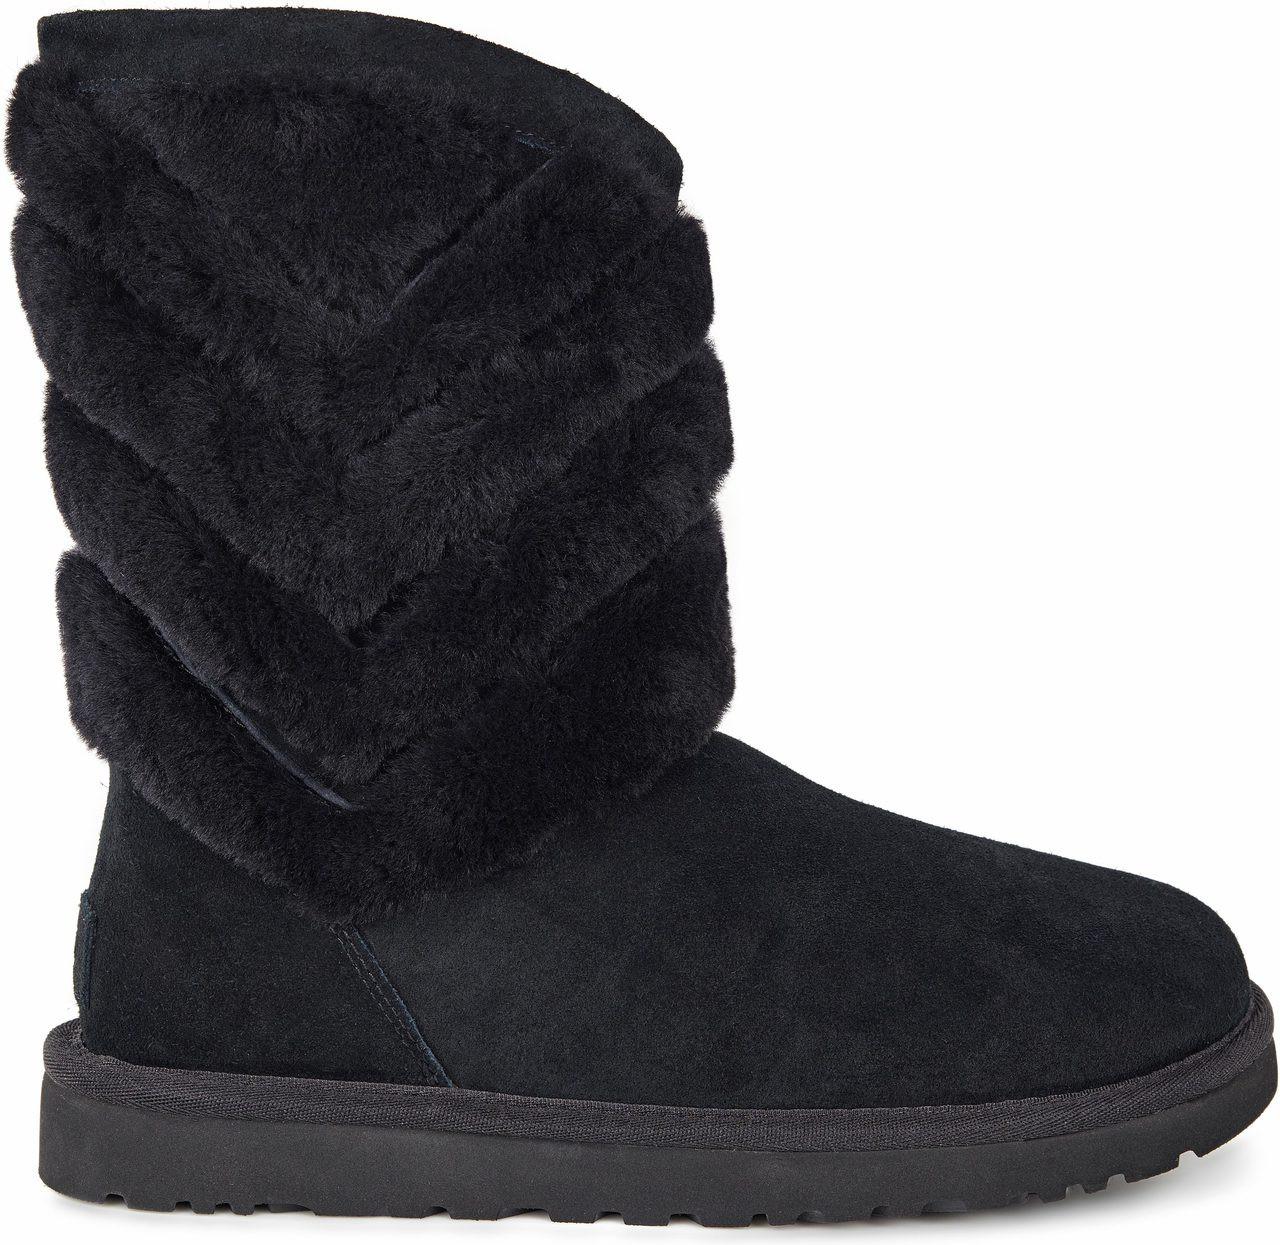 ugg schuhe boots tania 1012391 chestnut gr e 38 botschaft. Black Bedroom Furniture Sets. Home Design Ideas